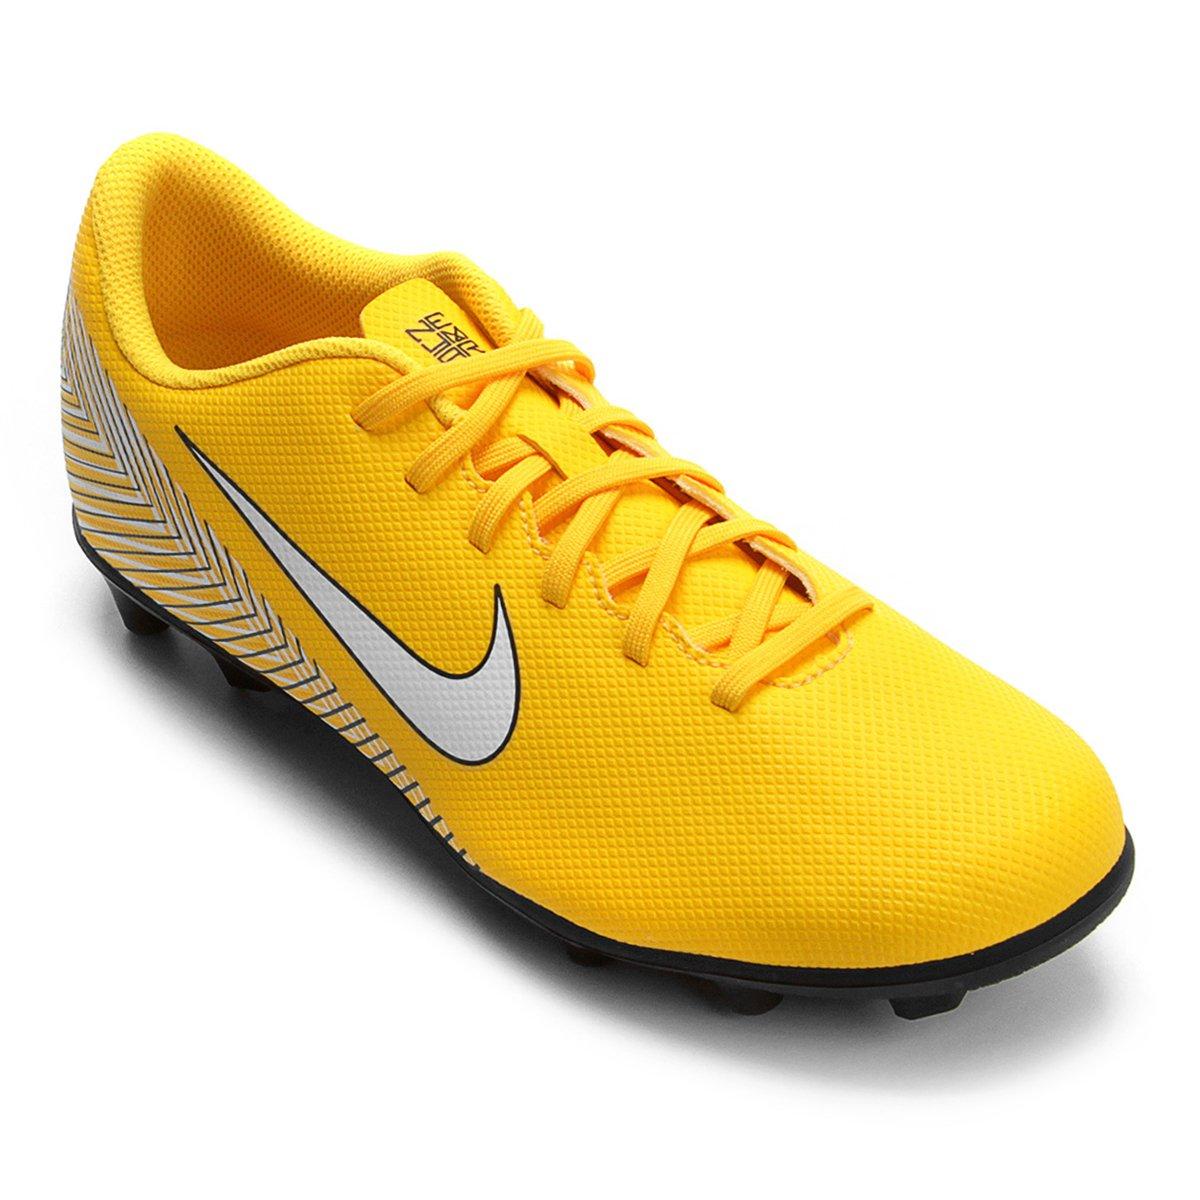 Chuteira Campo Nike Mercurial Vapor 12 Club Neymar FG - Amarelo e ... 3205f9ca0b84f